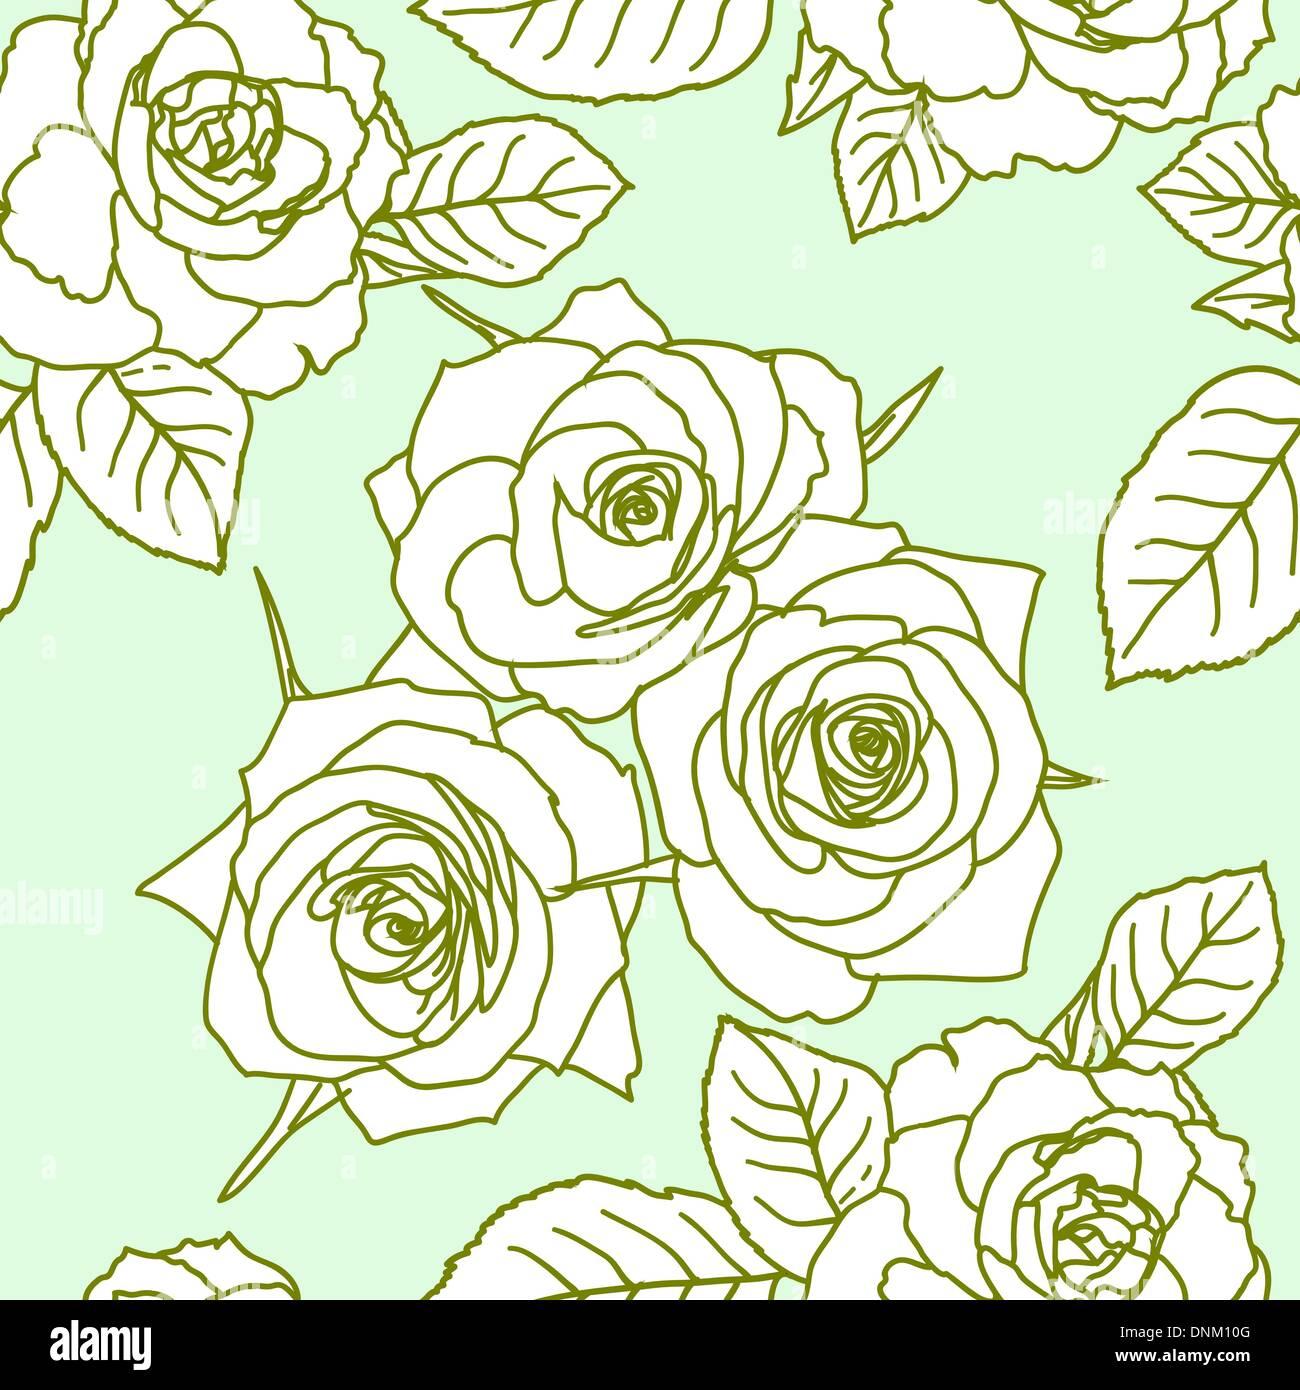 Carta da parati senza giunture con rose fiori Immagini Stock